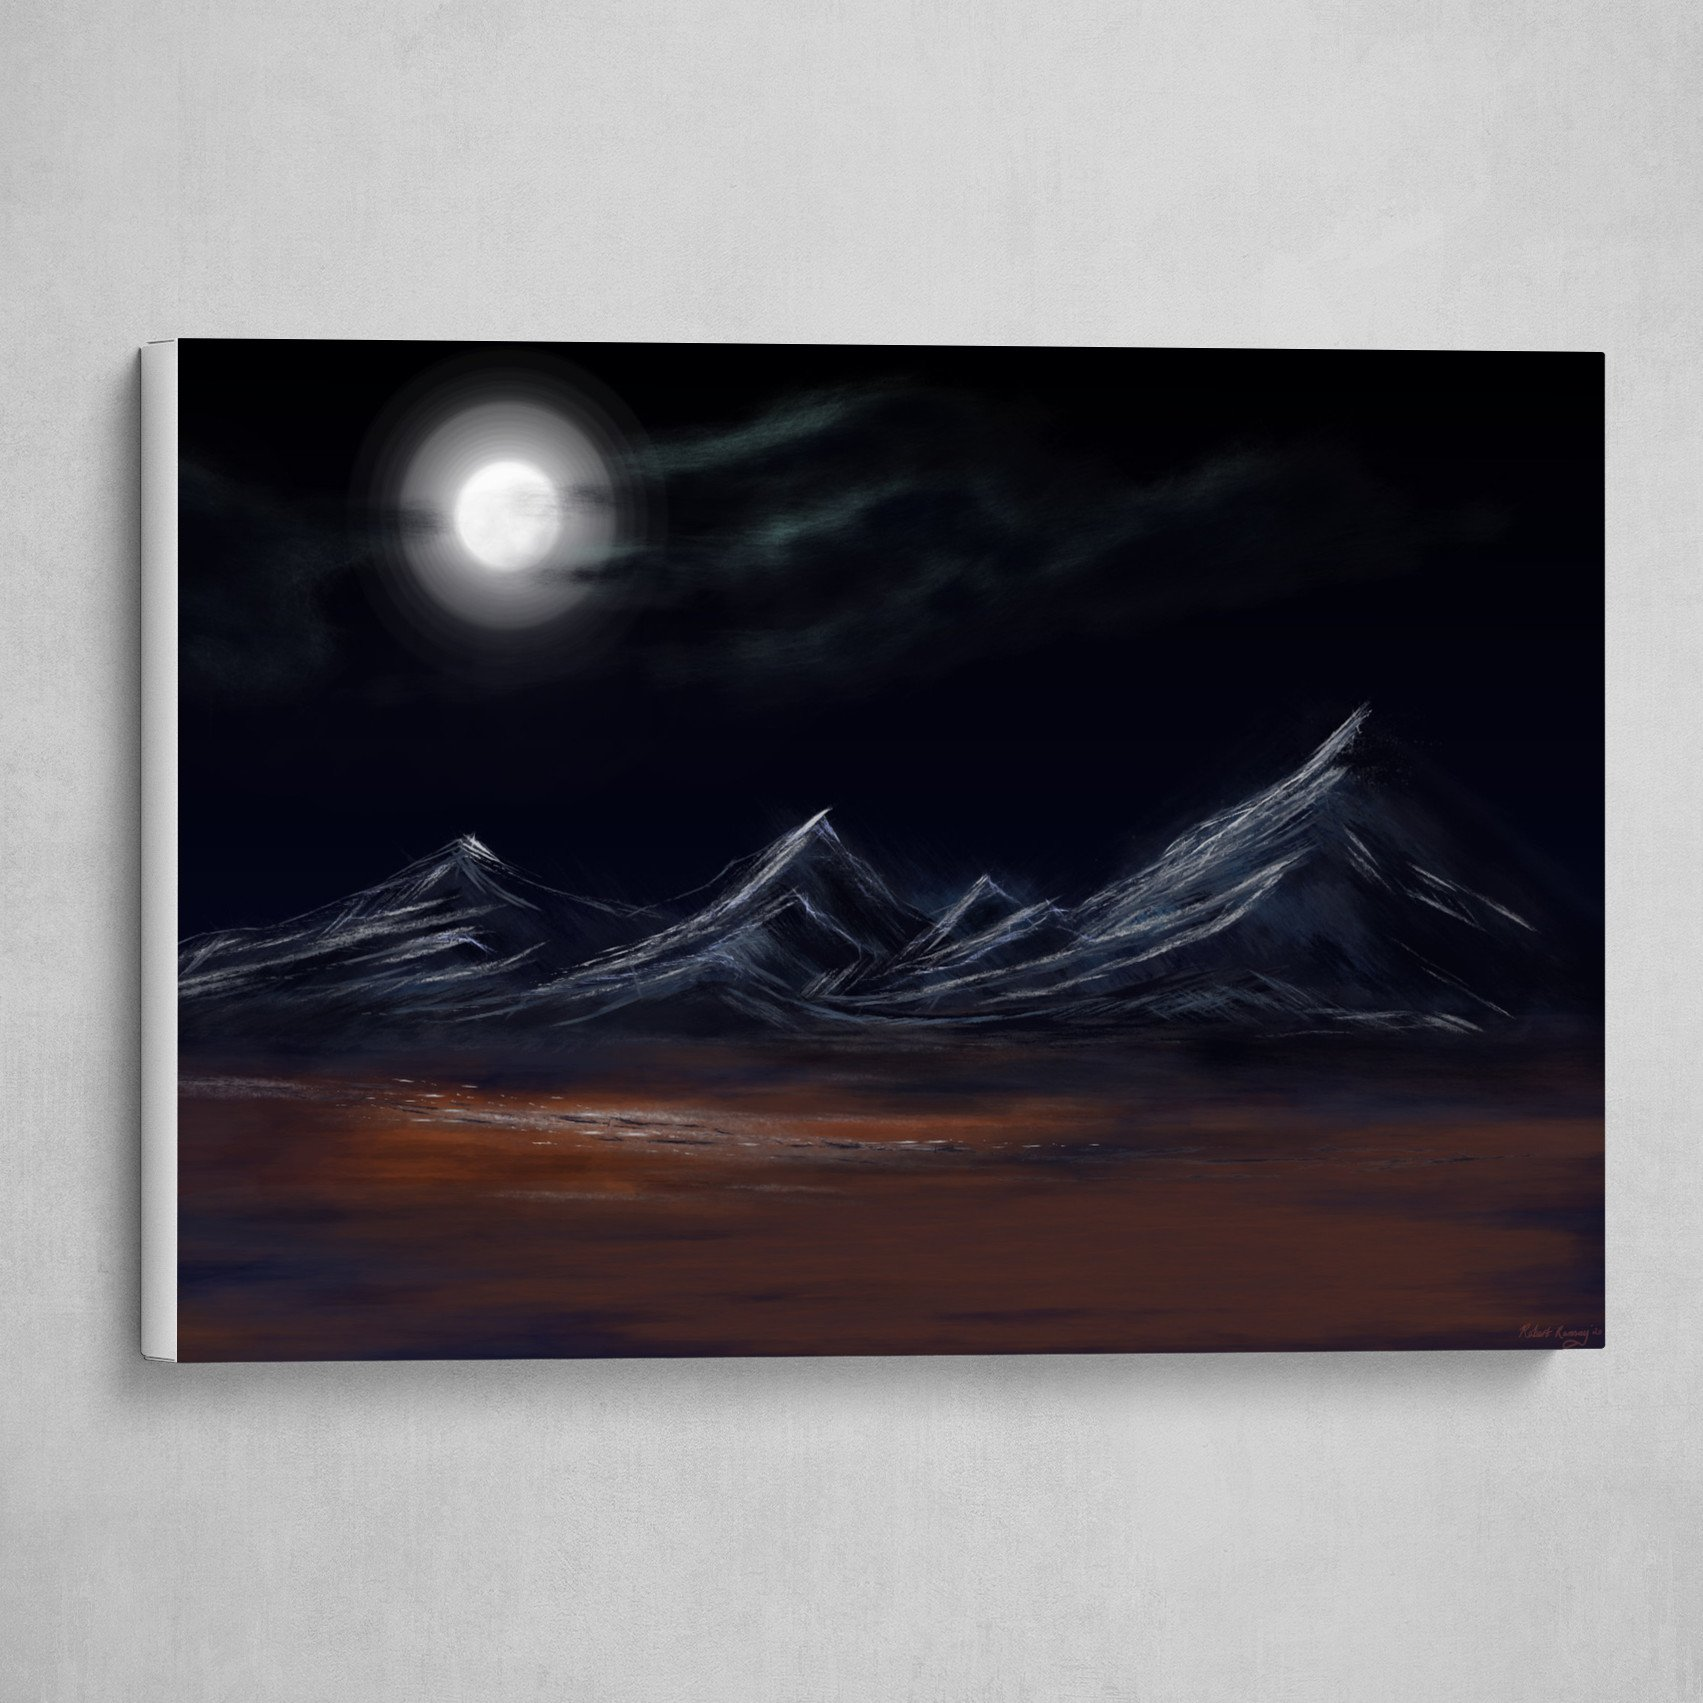 Tibetan Range under Moonlight